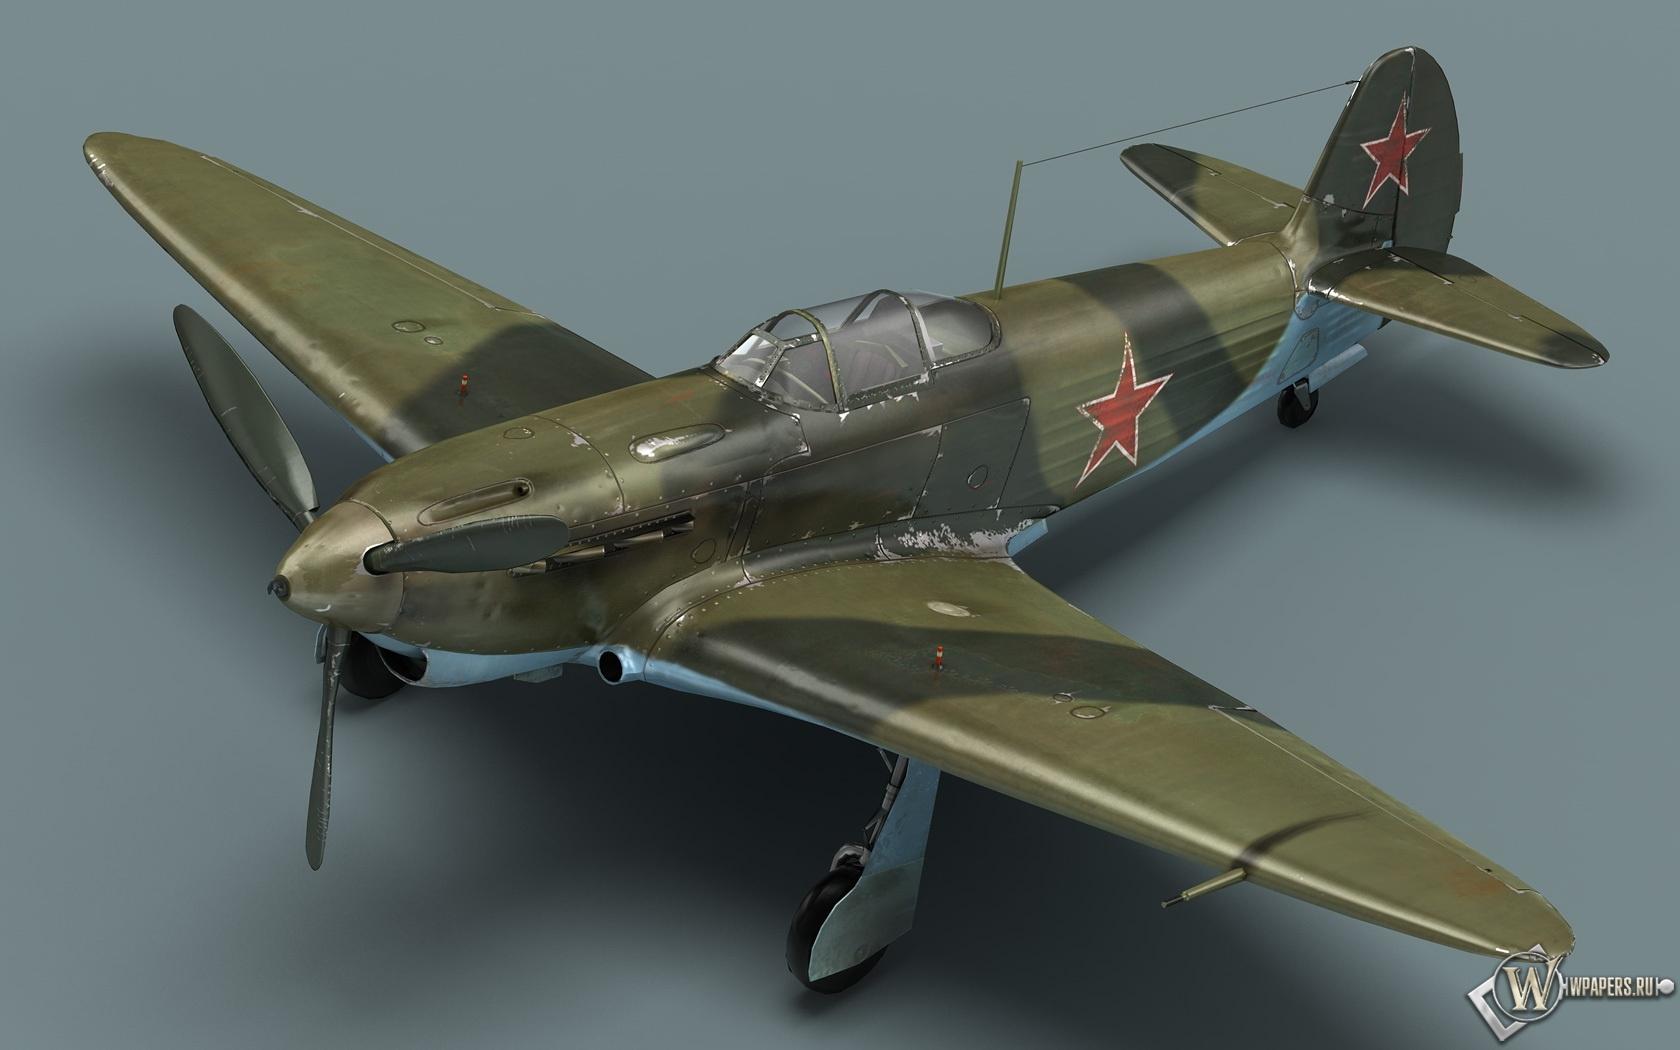 Советский истребитель Як-1 1680x1050